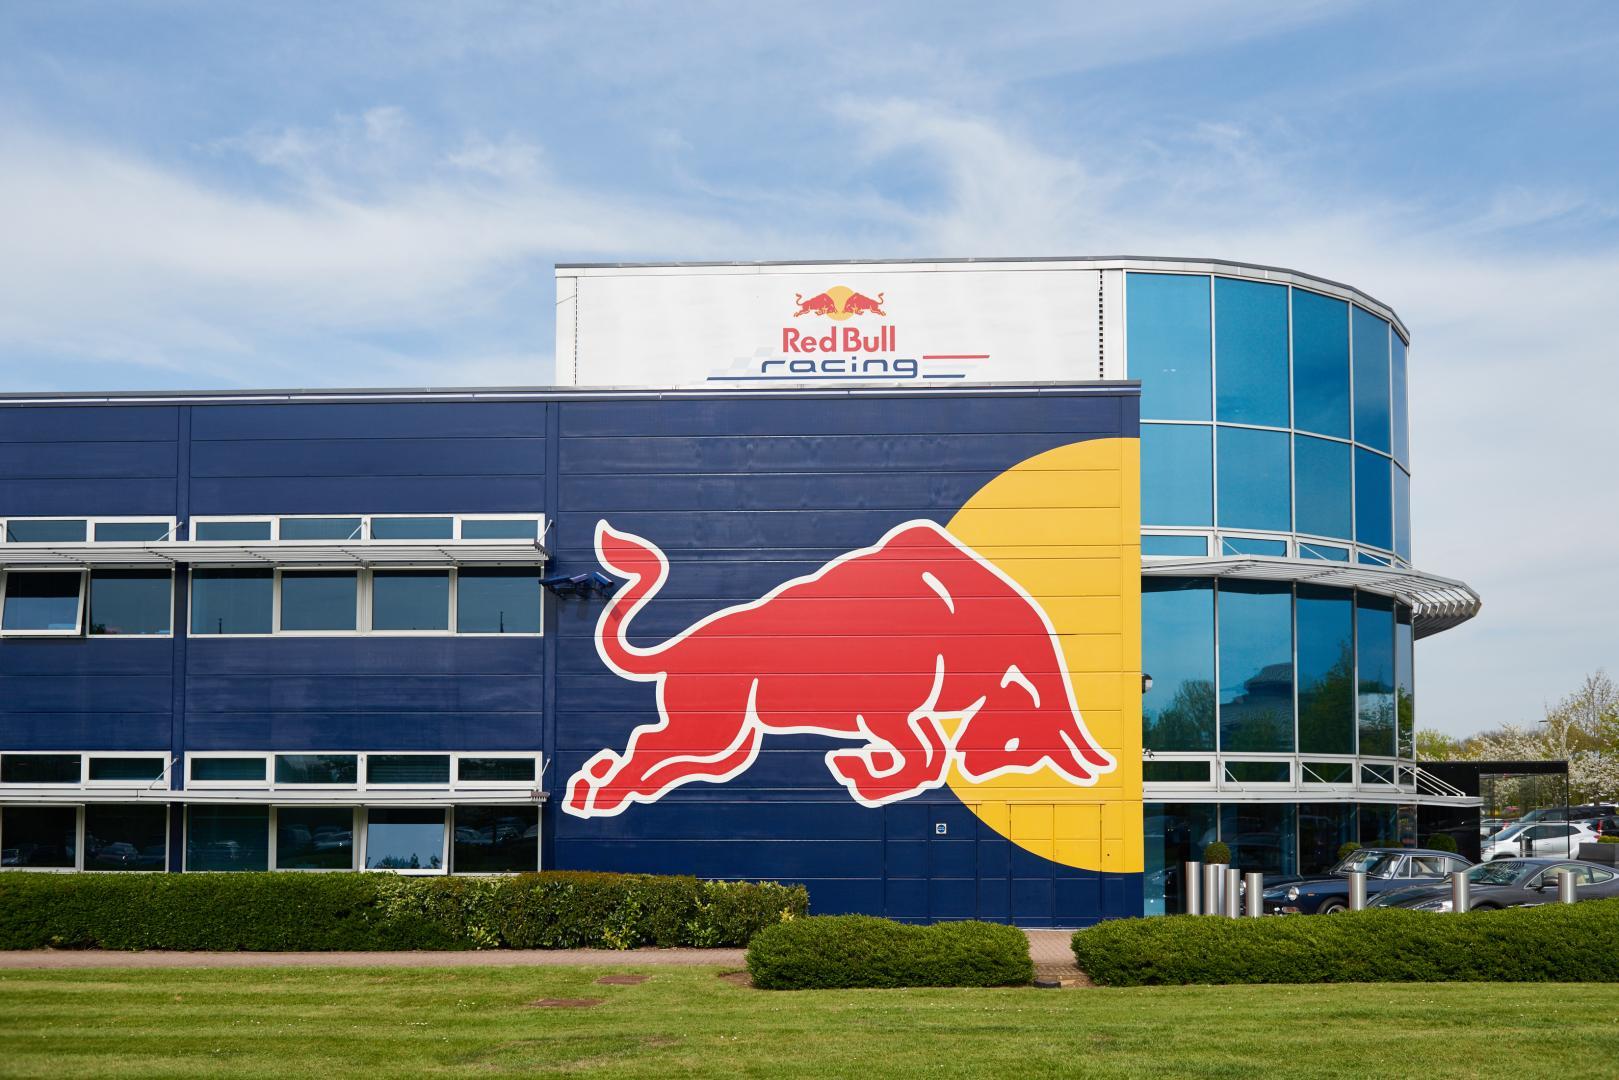 Lego Headquarters Bezoek Aan Red Bull Racing Fabriek In Milton Keynes